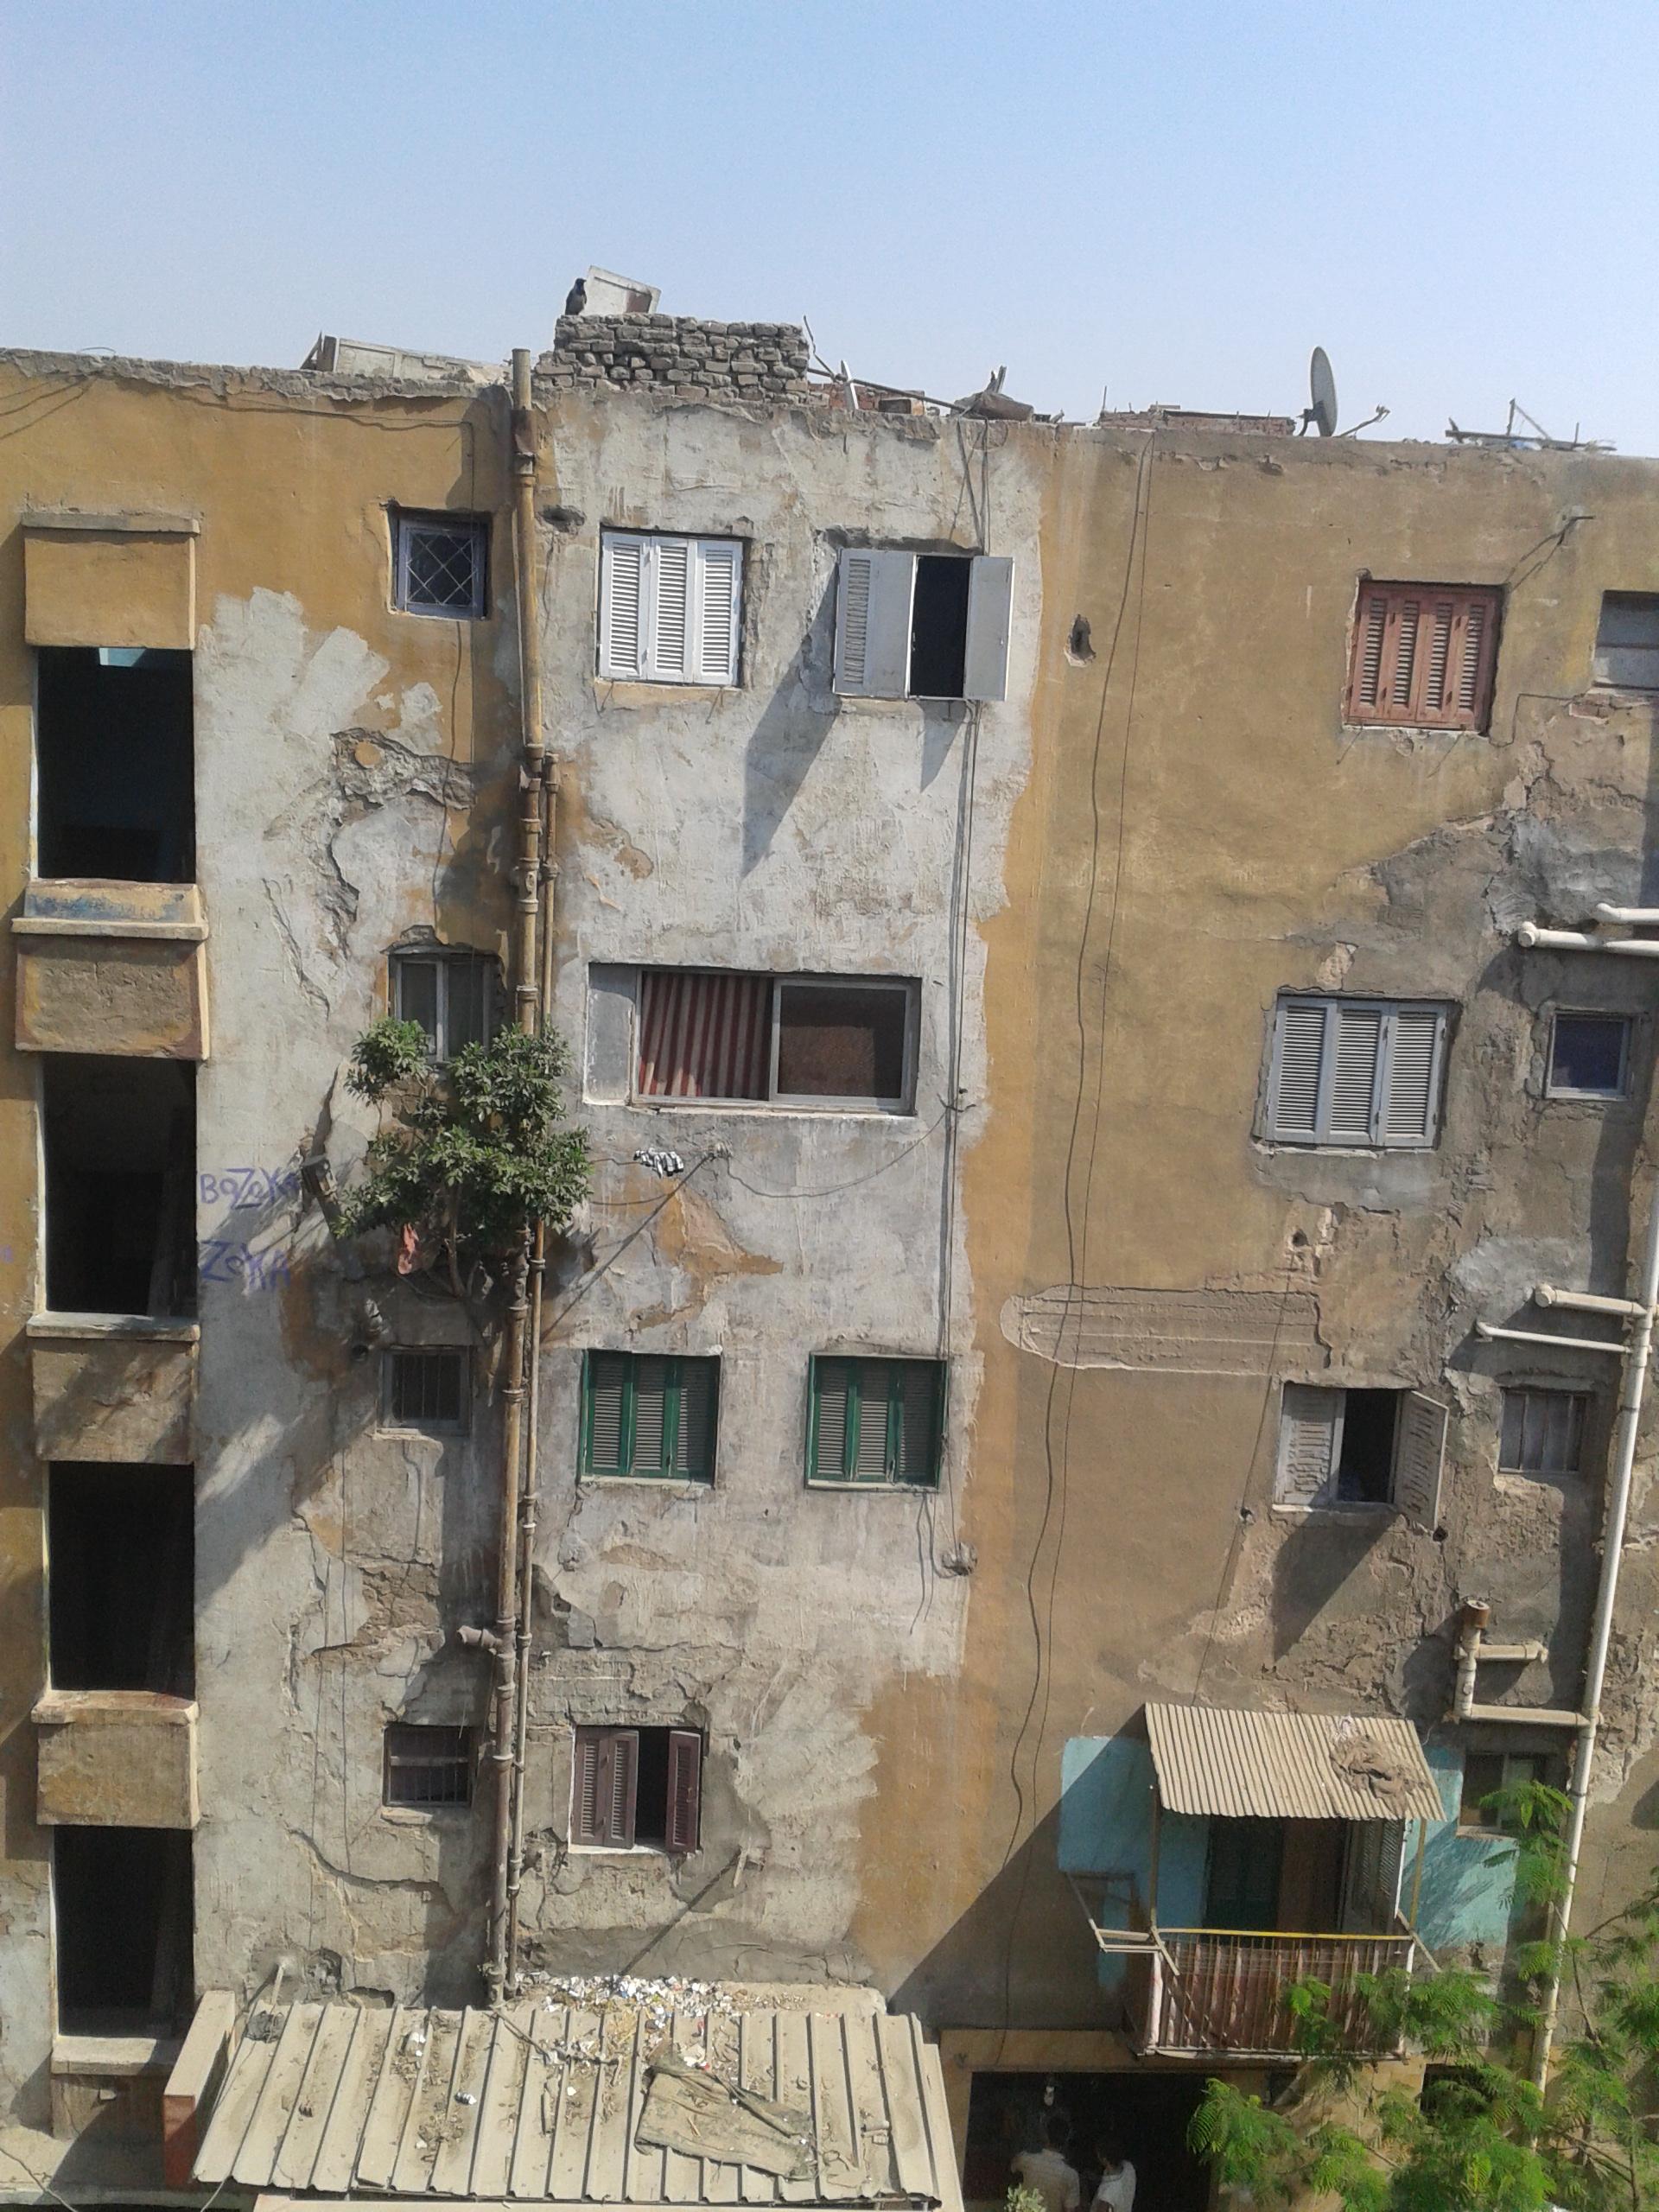 ملامح معاناة طلاب الأزهر في السكن الخارجي بعد إغلاق المدينة الجامعية